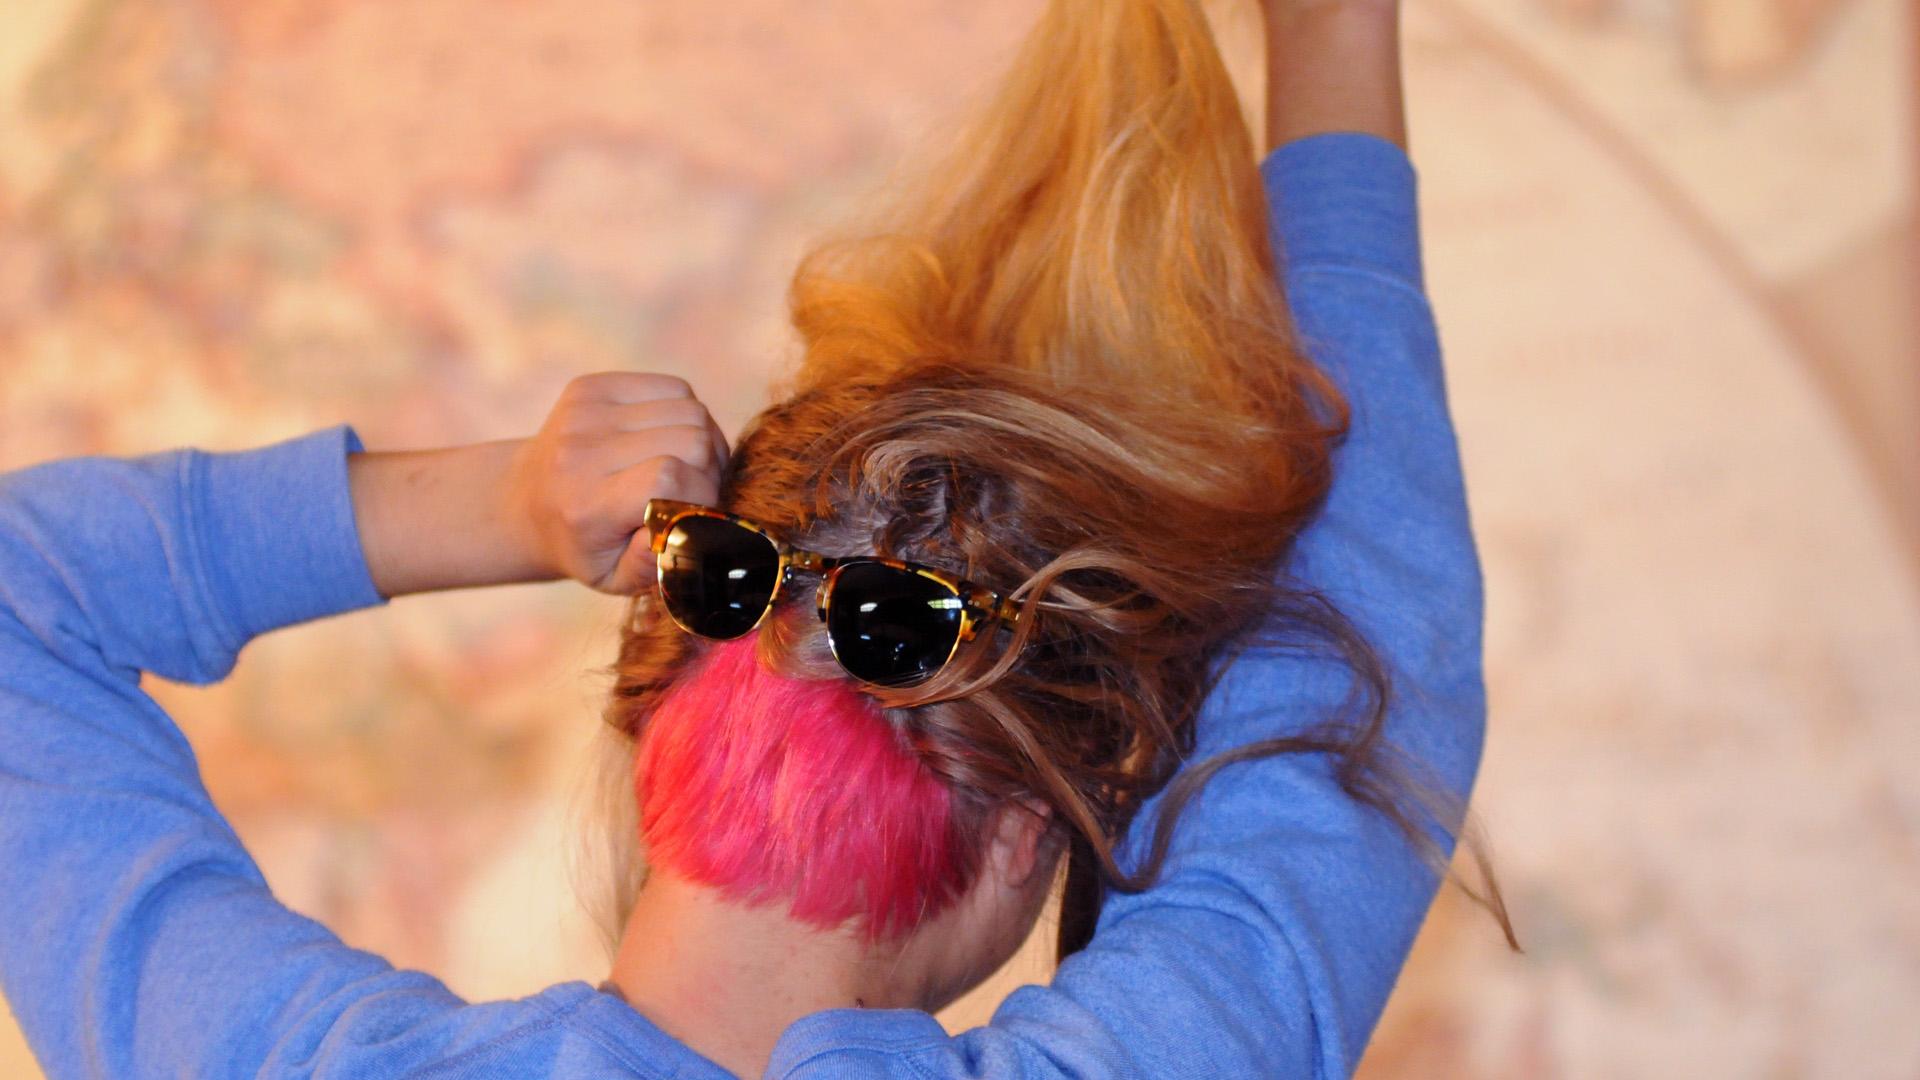 Dasha's pink wedge wearing sunglasses